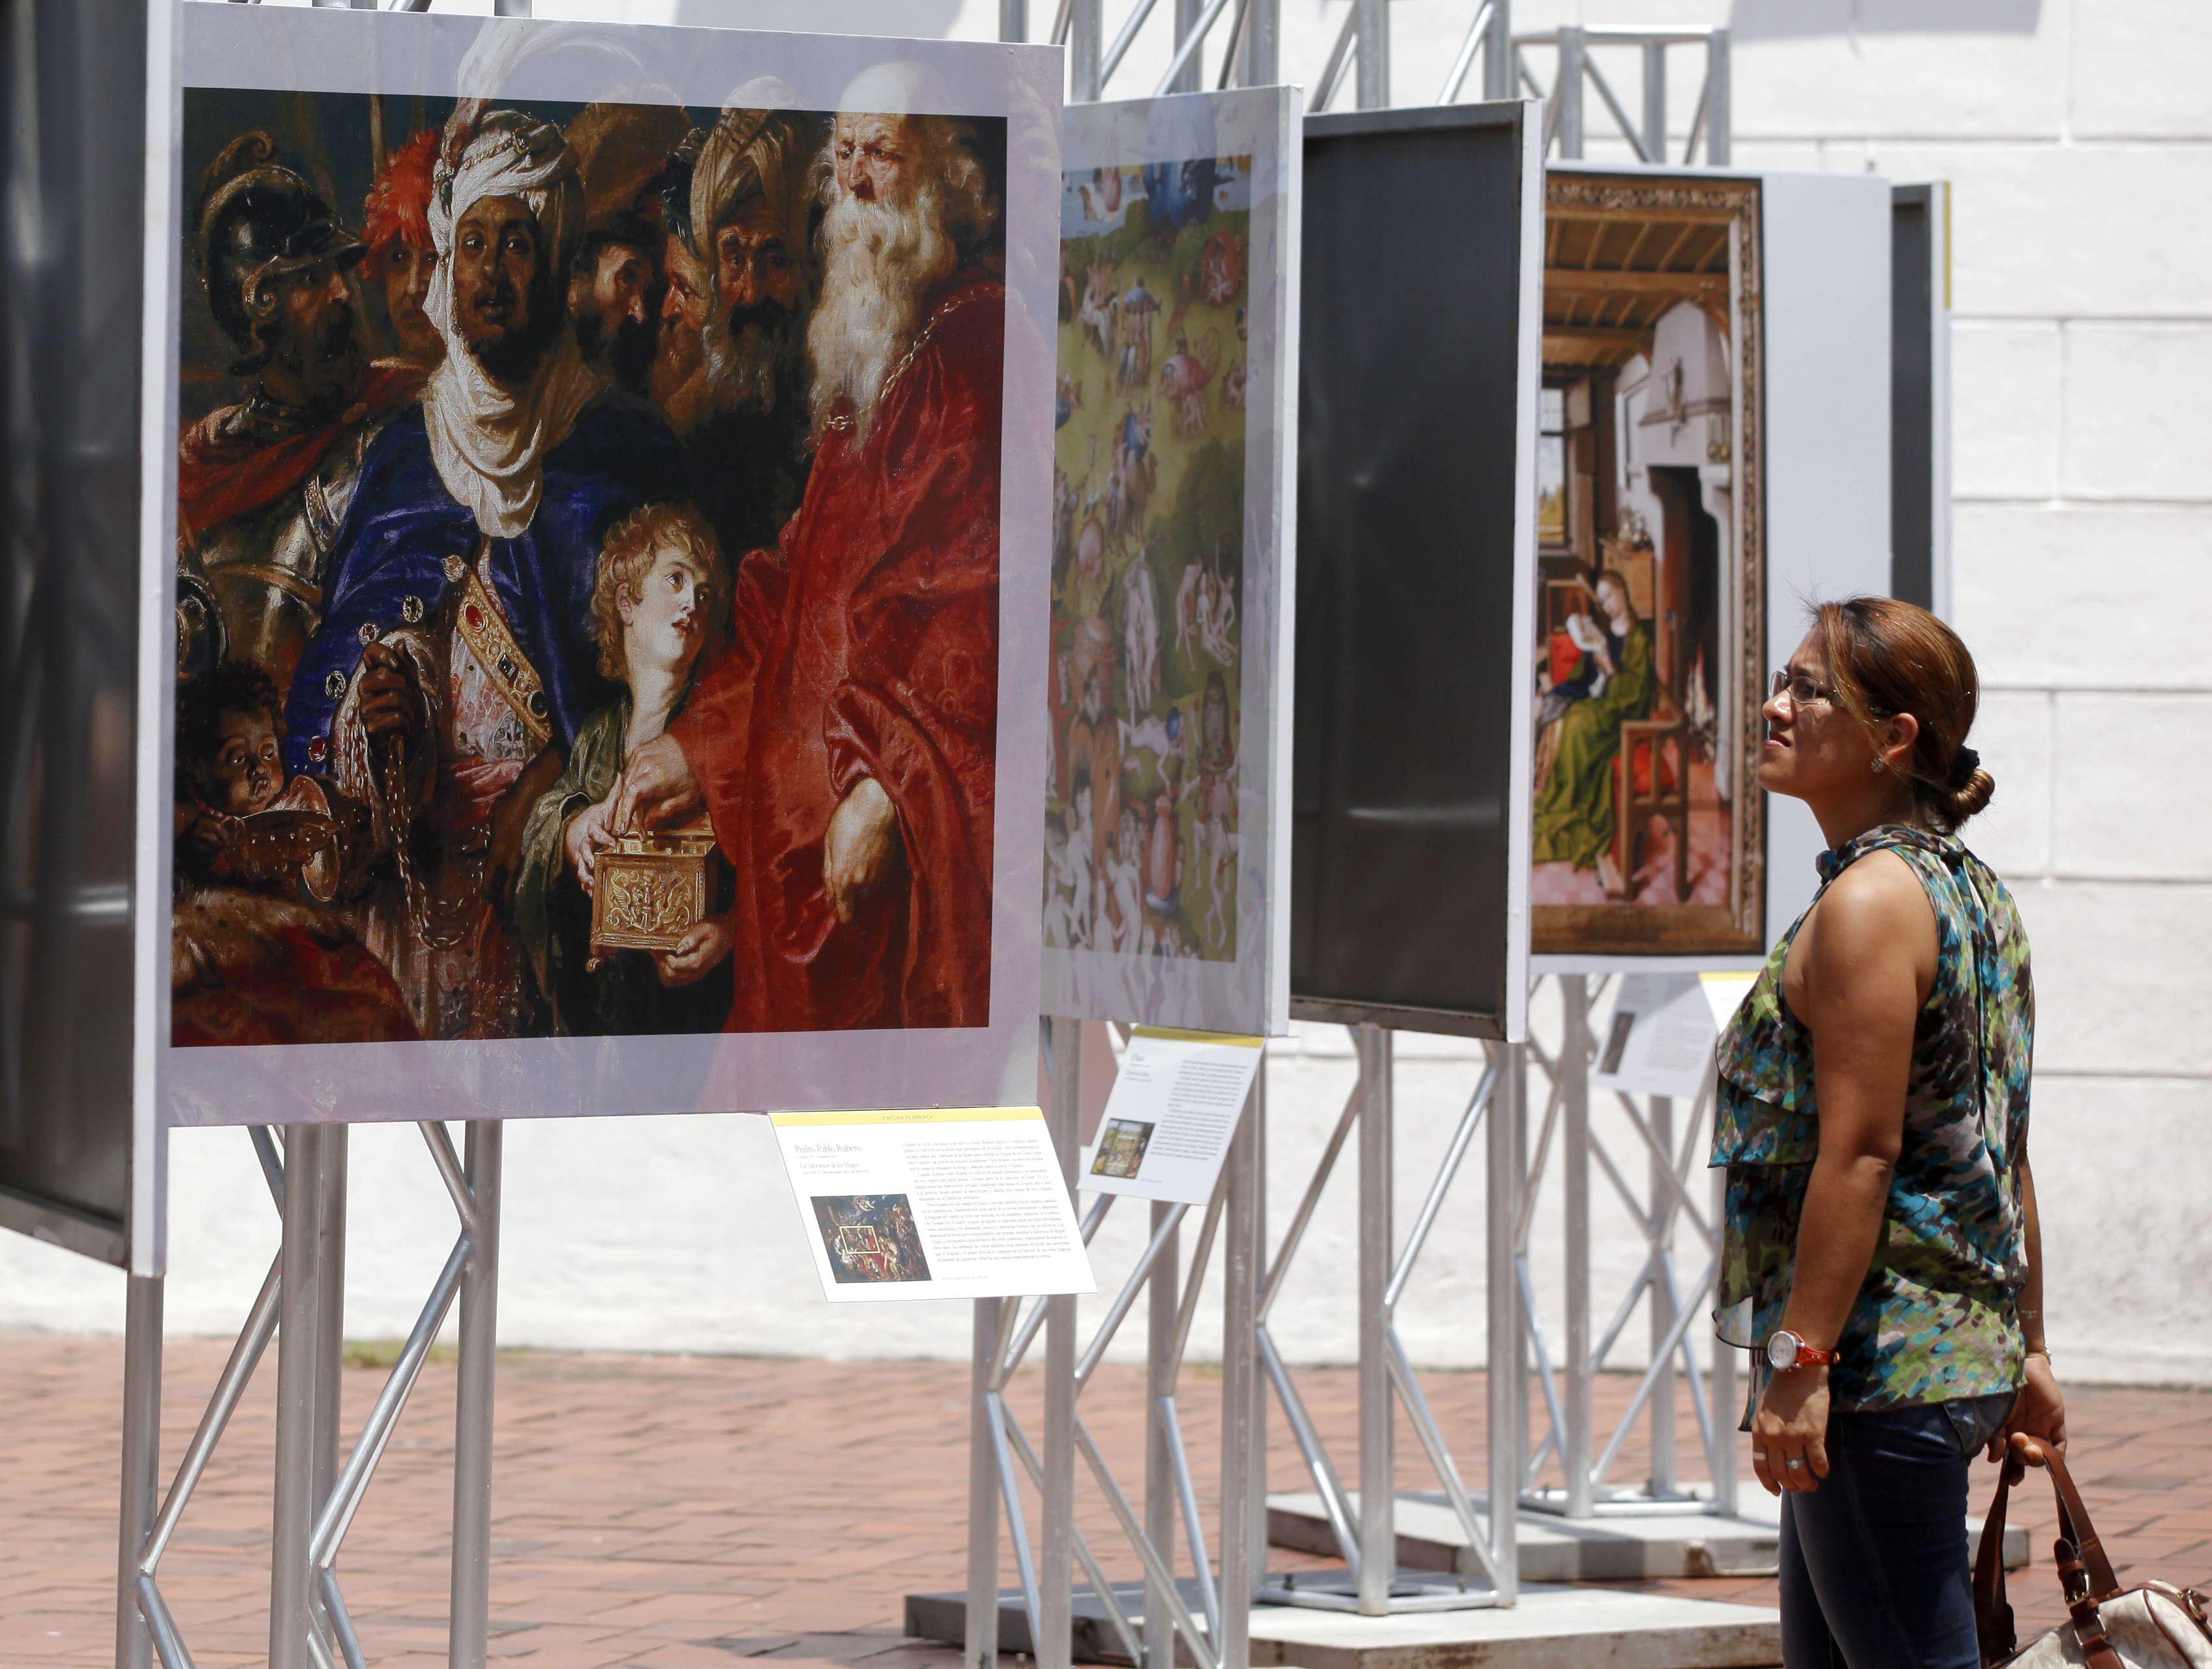 MÁS DE 50 RÉPLICAS DE OBRAS DEL MUSEO DEL PRADO LLEGAN A LAS CALLES DE PANAMÁ